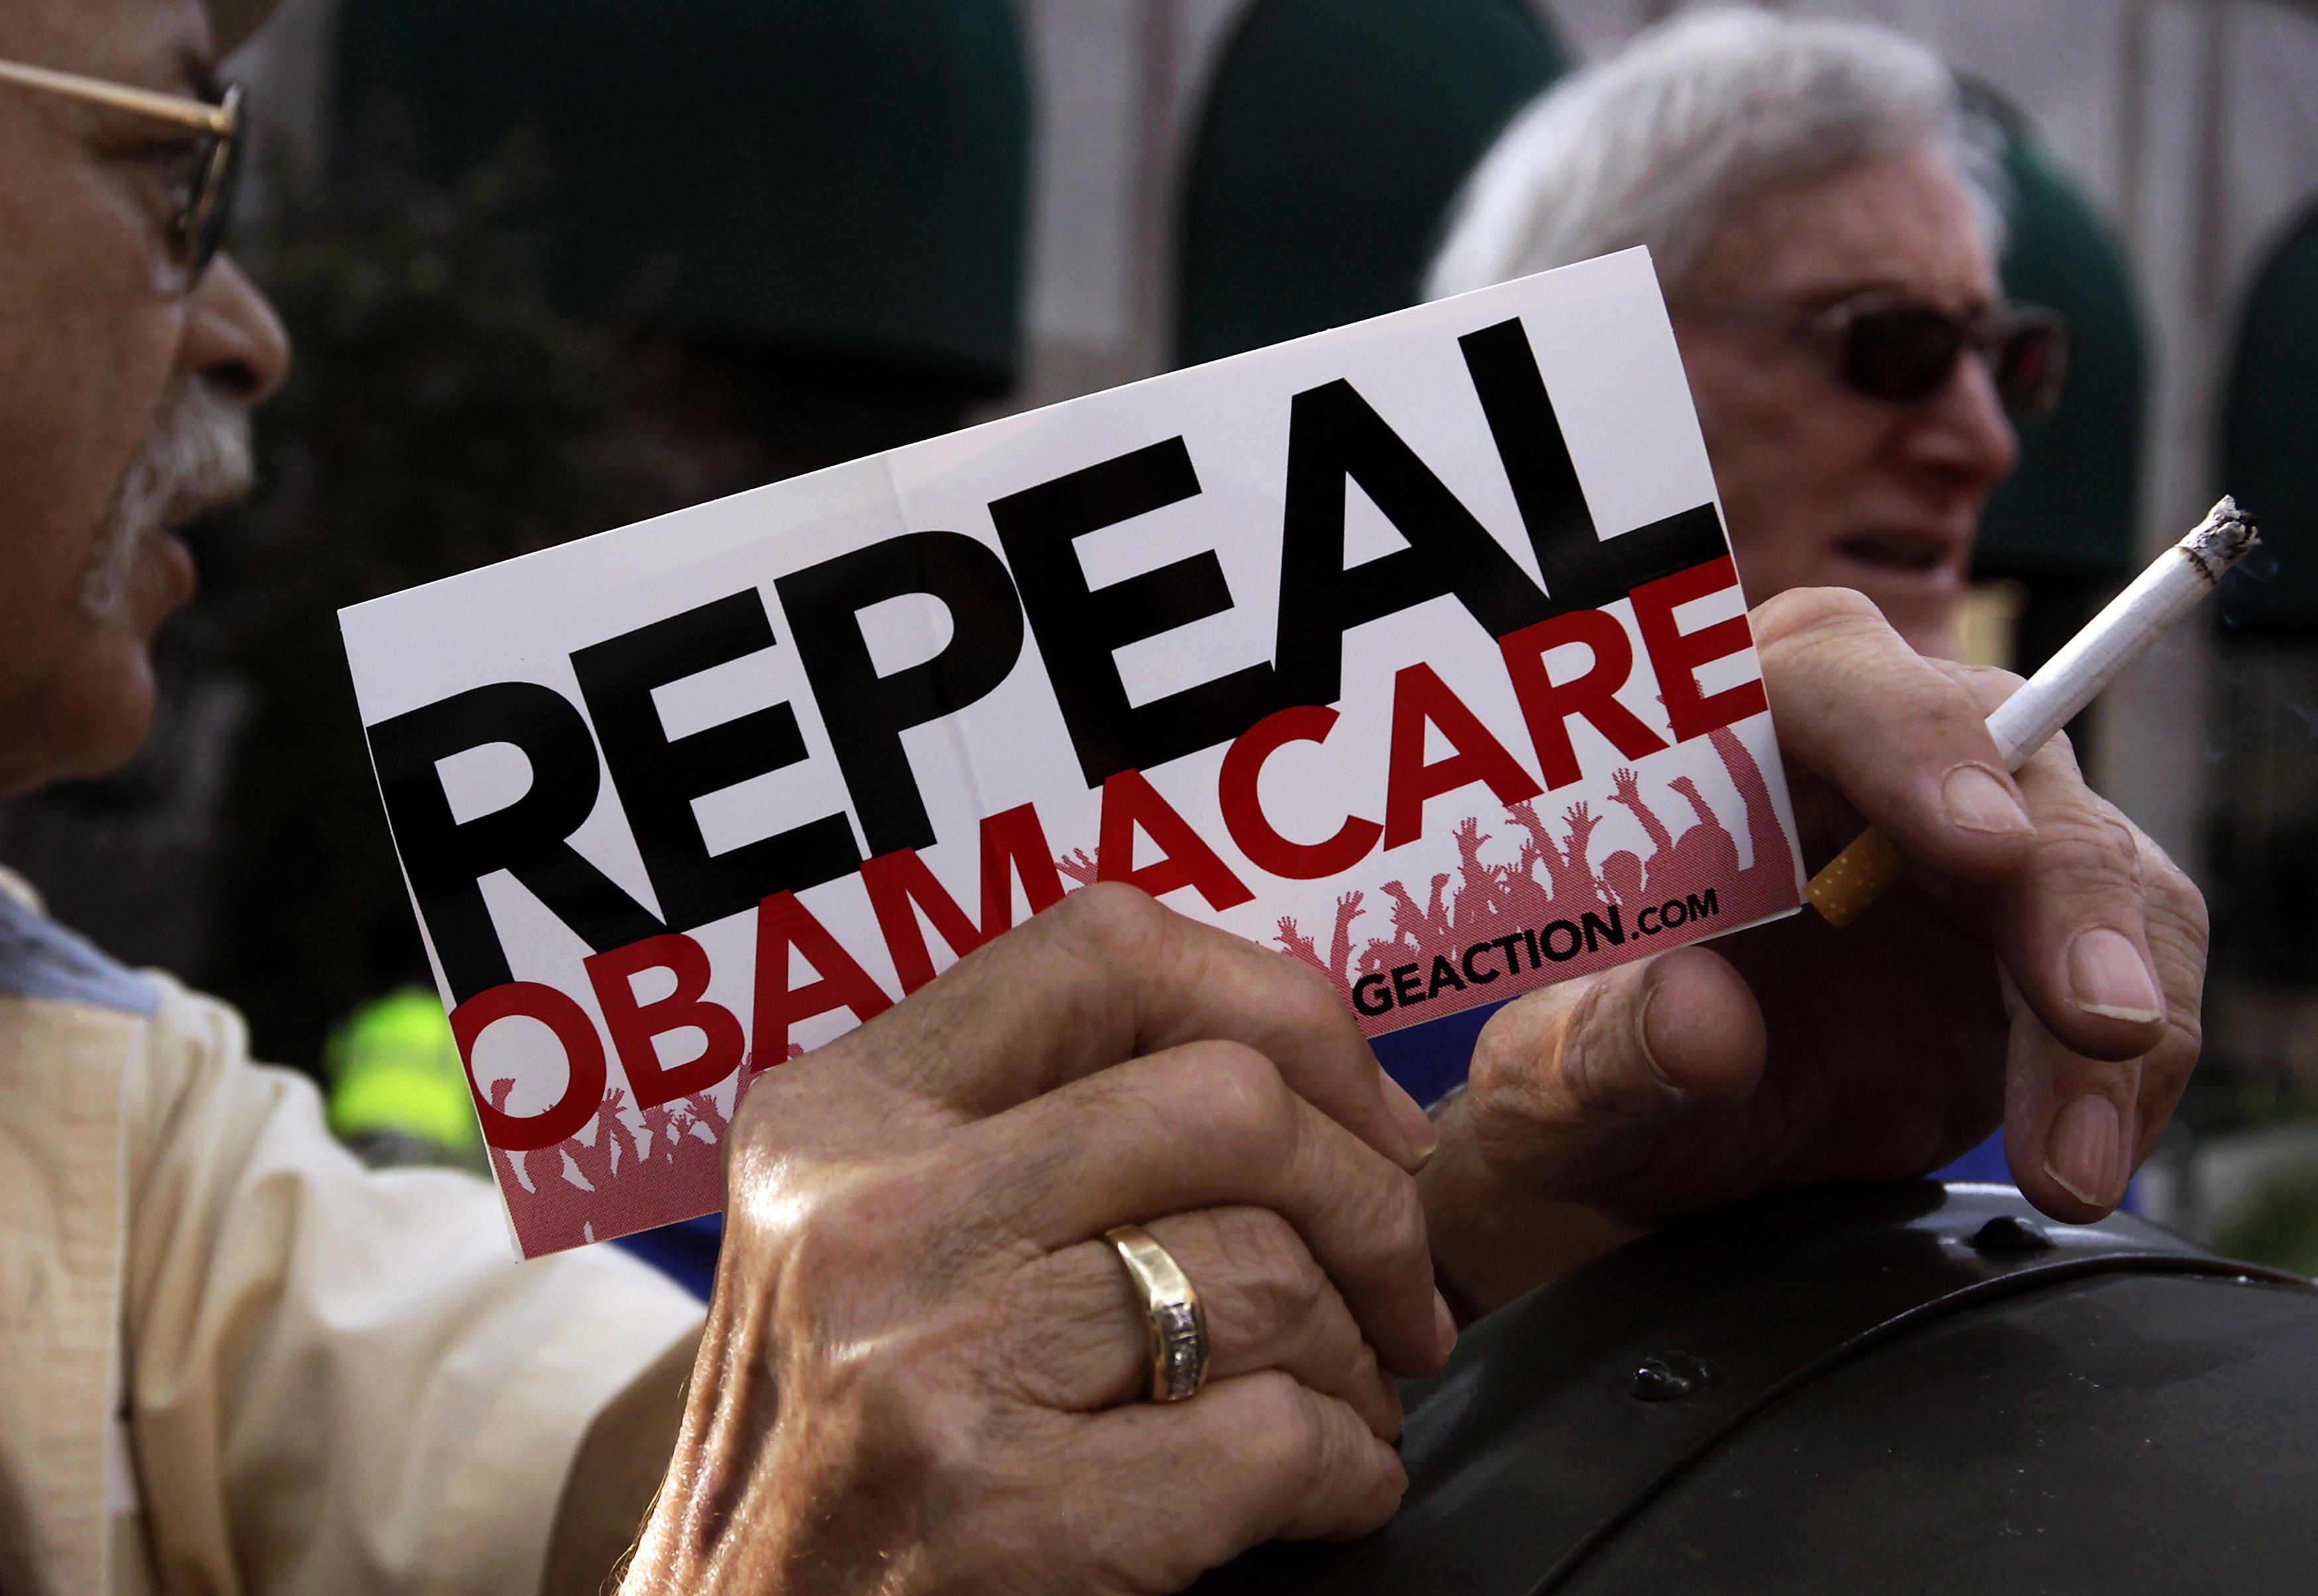 Республиканцы пытаются как можно быстрее отменить Obamacare Фото: thefiscaltimes.com